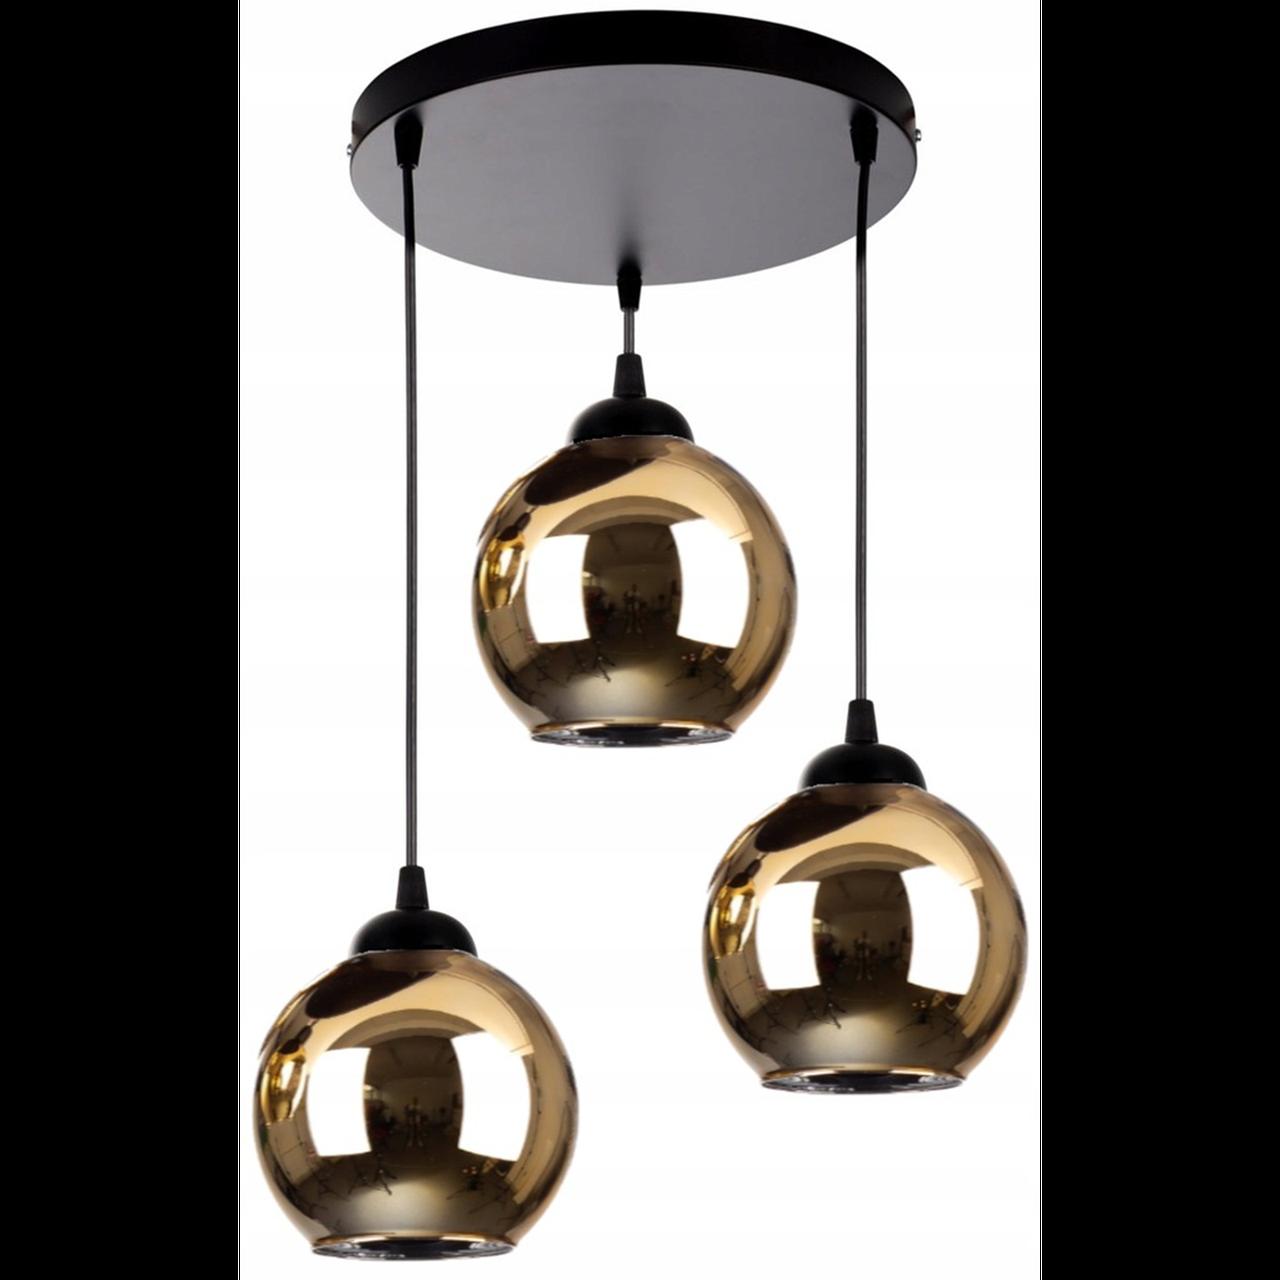 Люстра подвсная на 3 лампи 29-8874/3A BK+GD